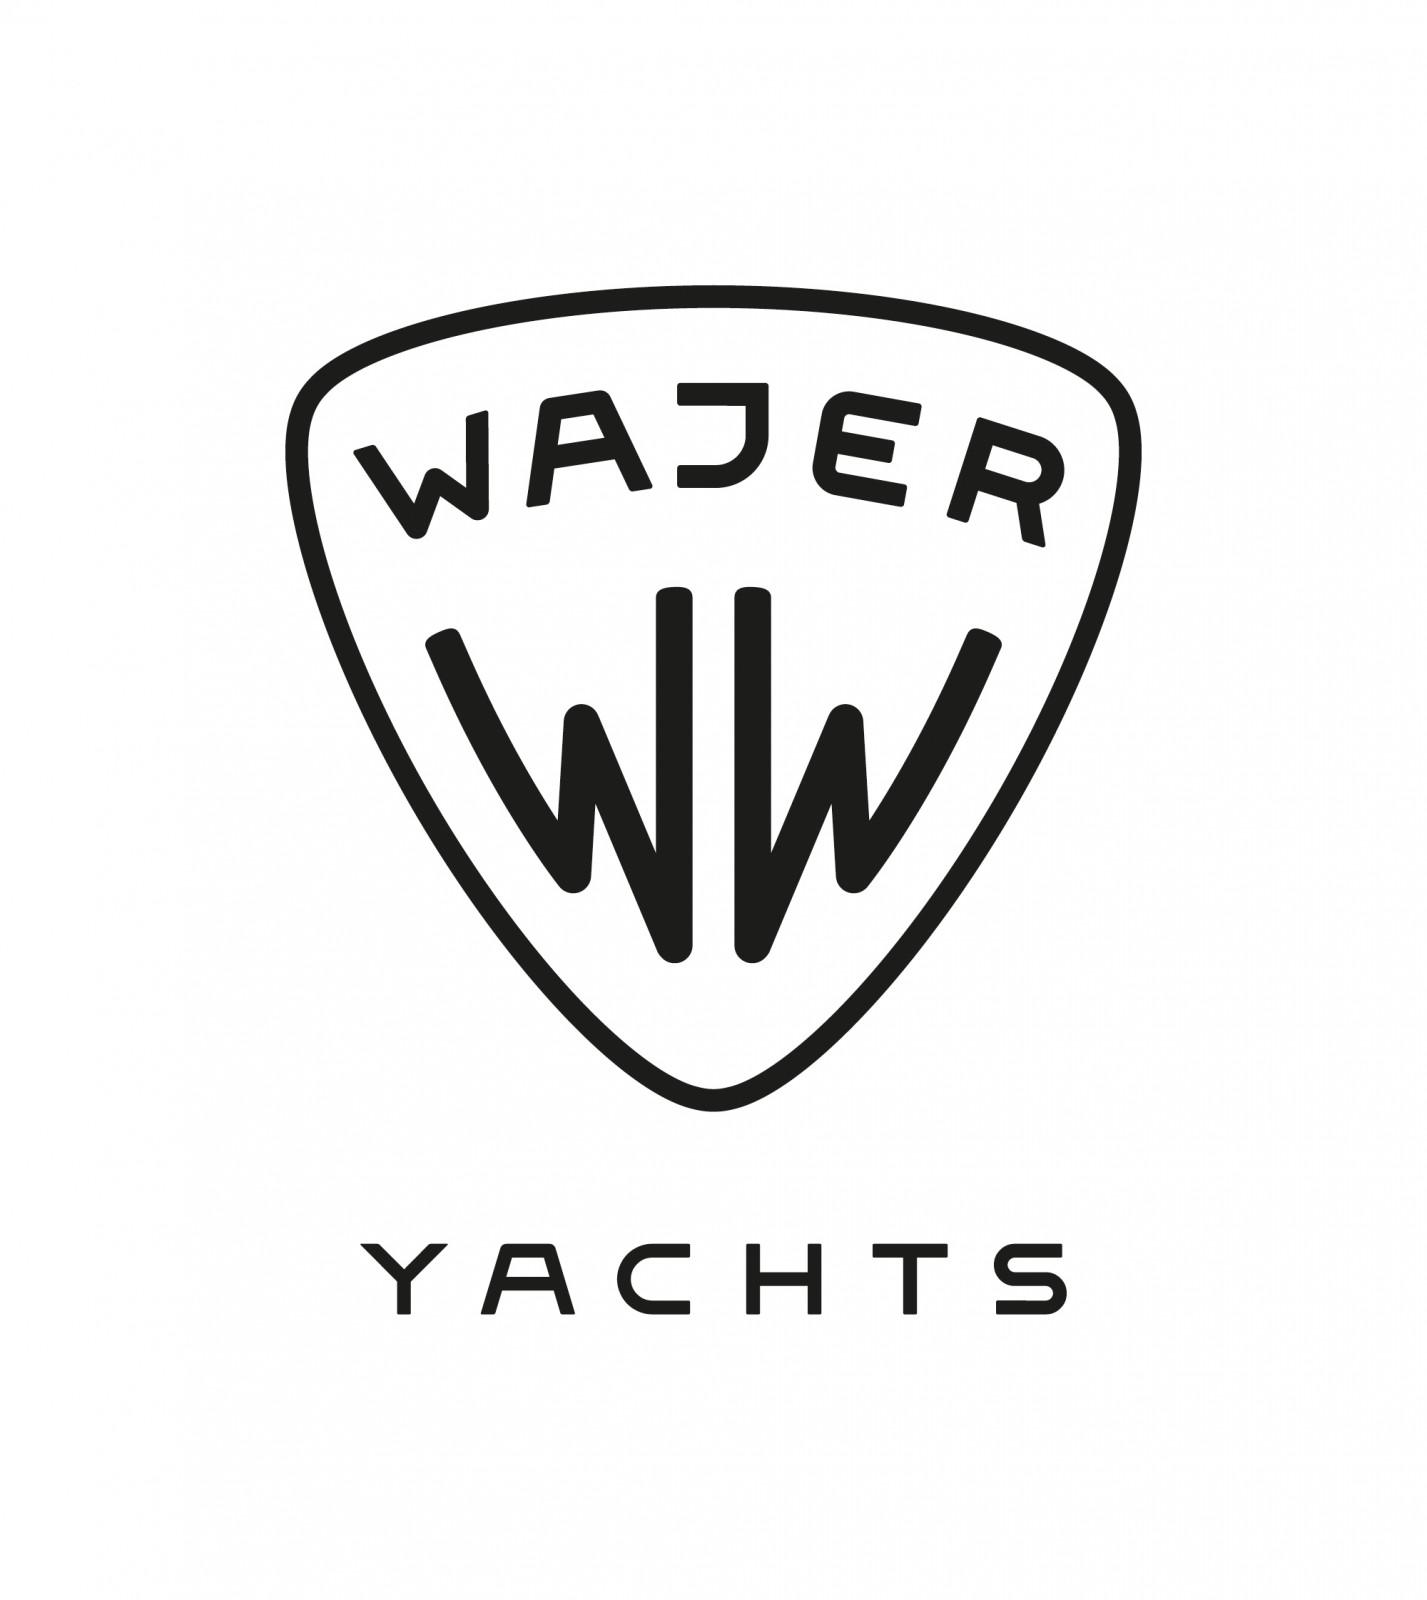 Wajer Yachts BV – vacatures